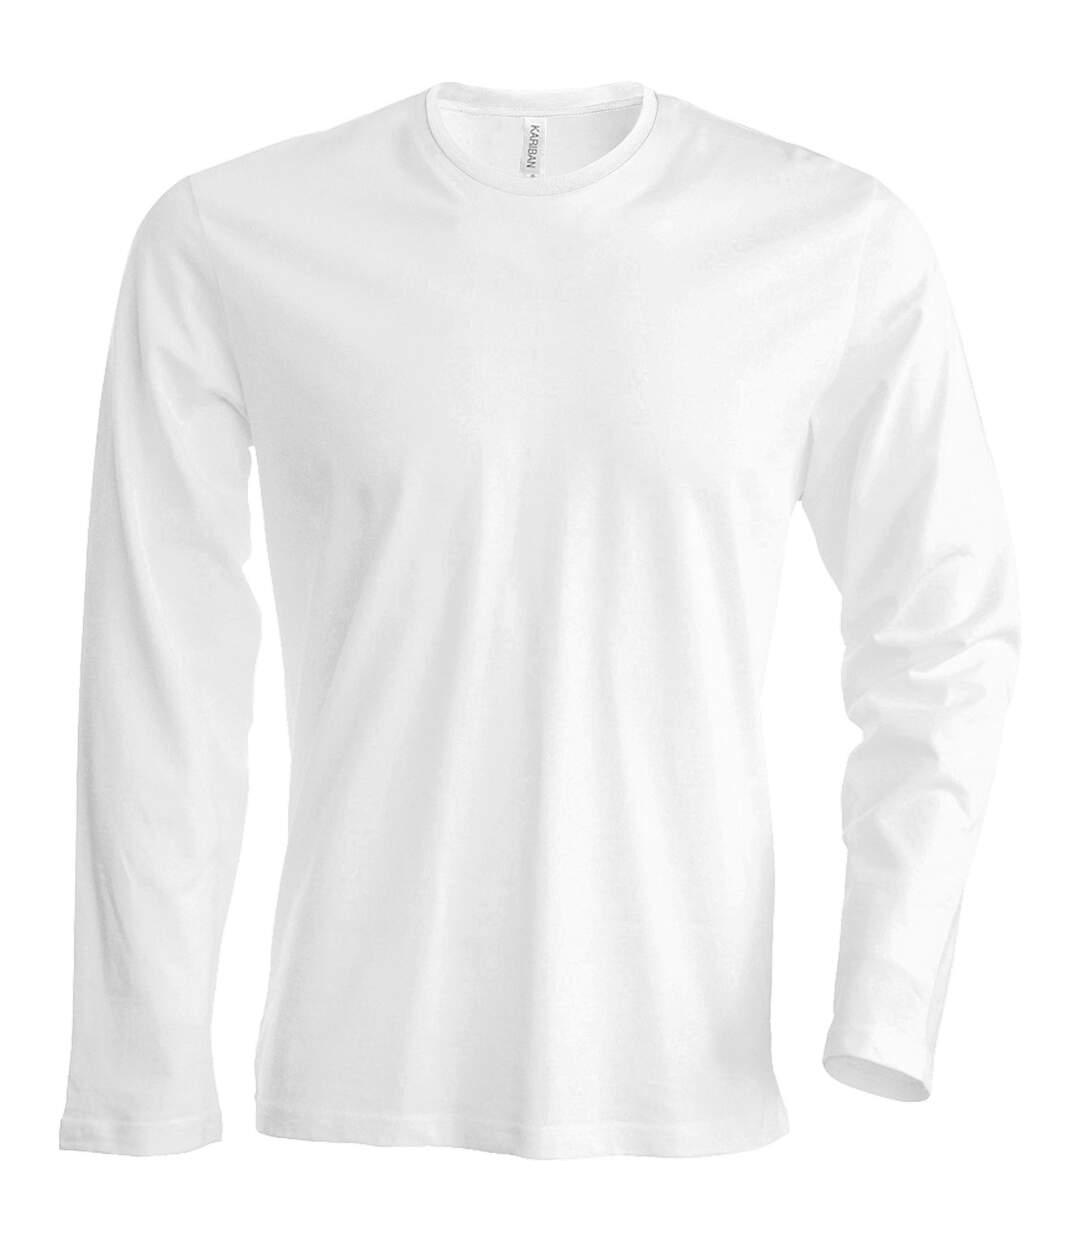 Kariban Mens Slim Fit Long Sleeve Crew Neck T-Shirt (White) - UTRW709